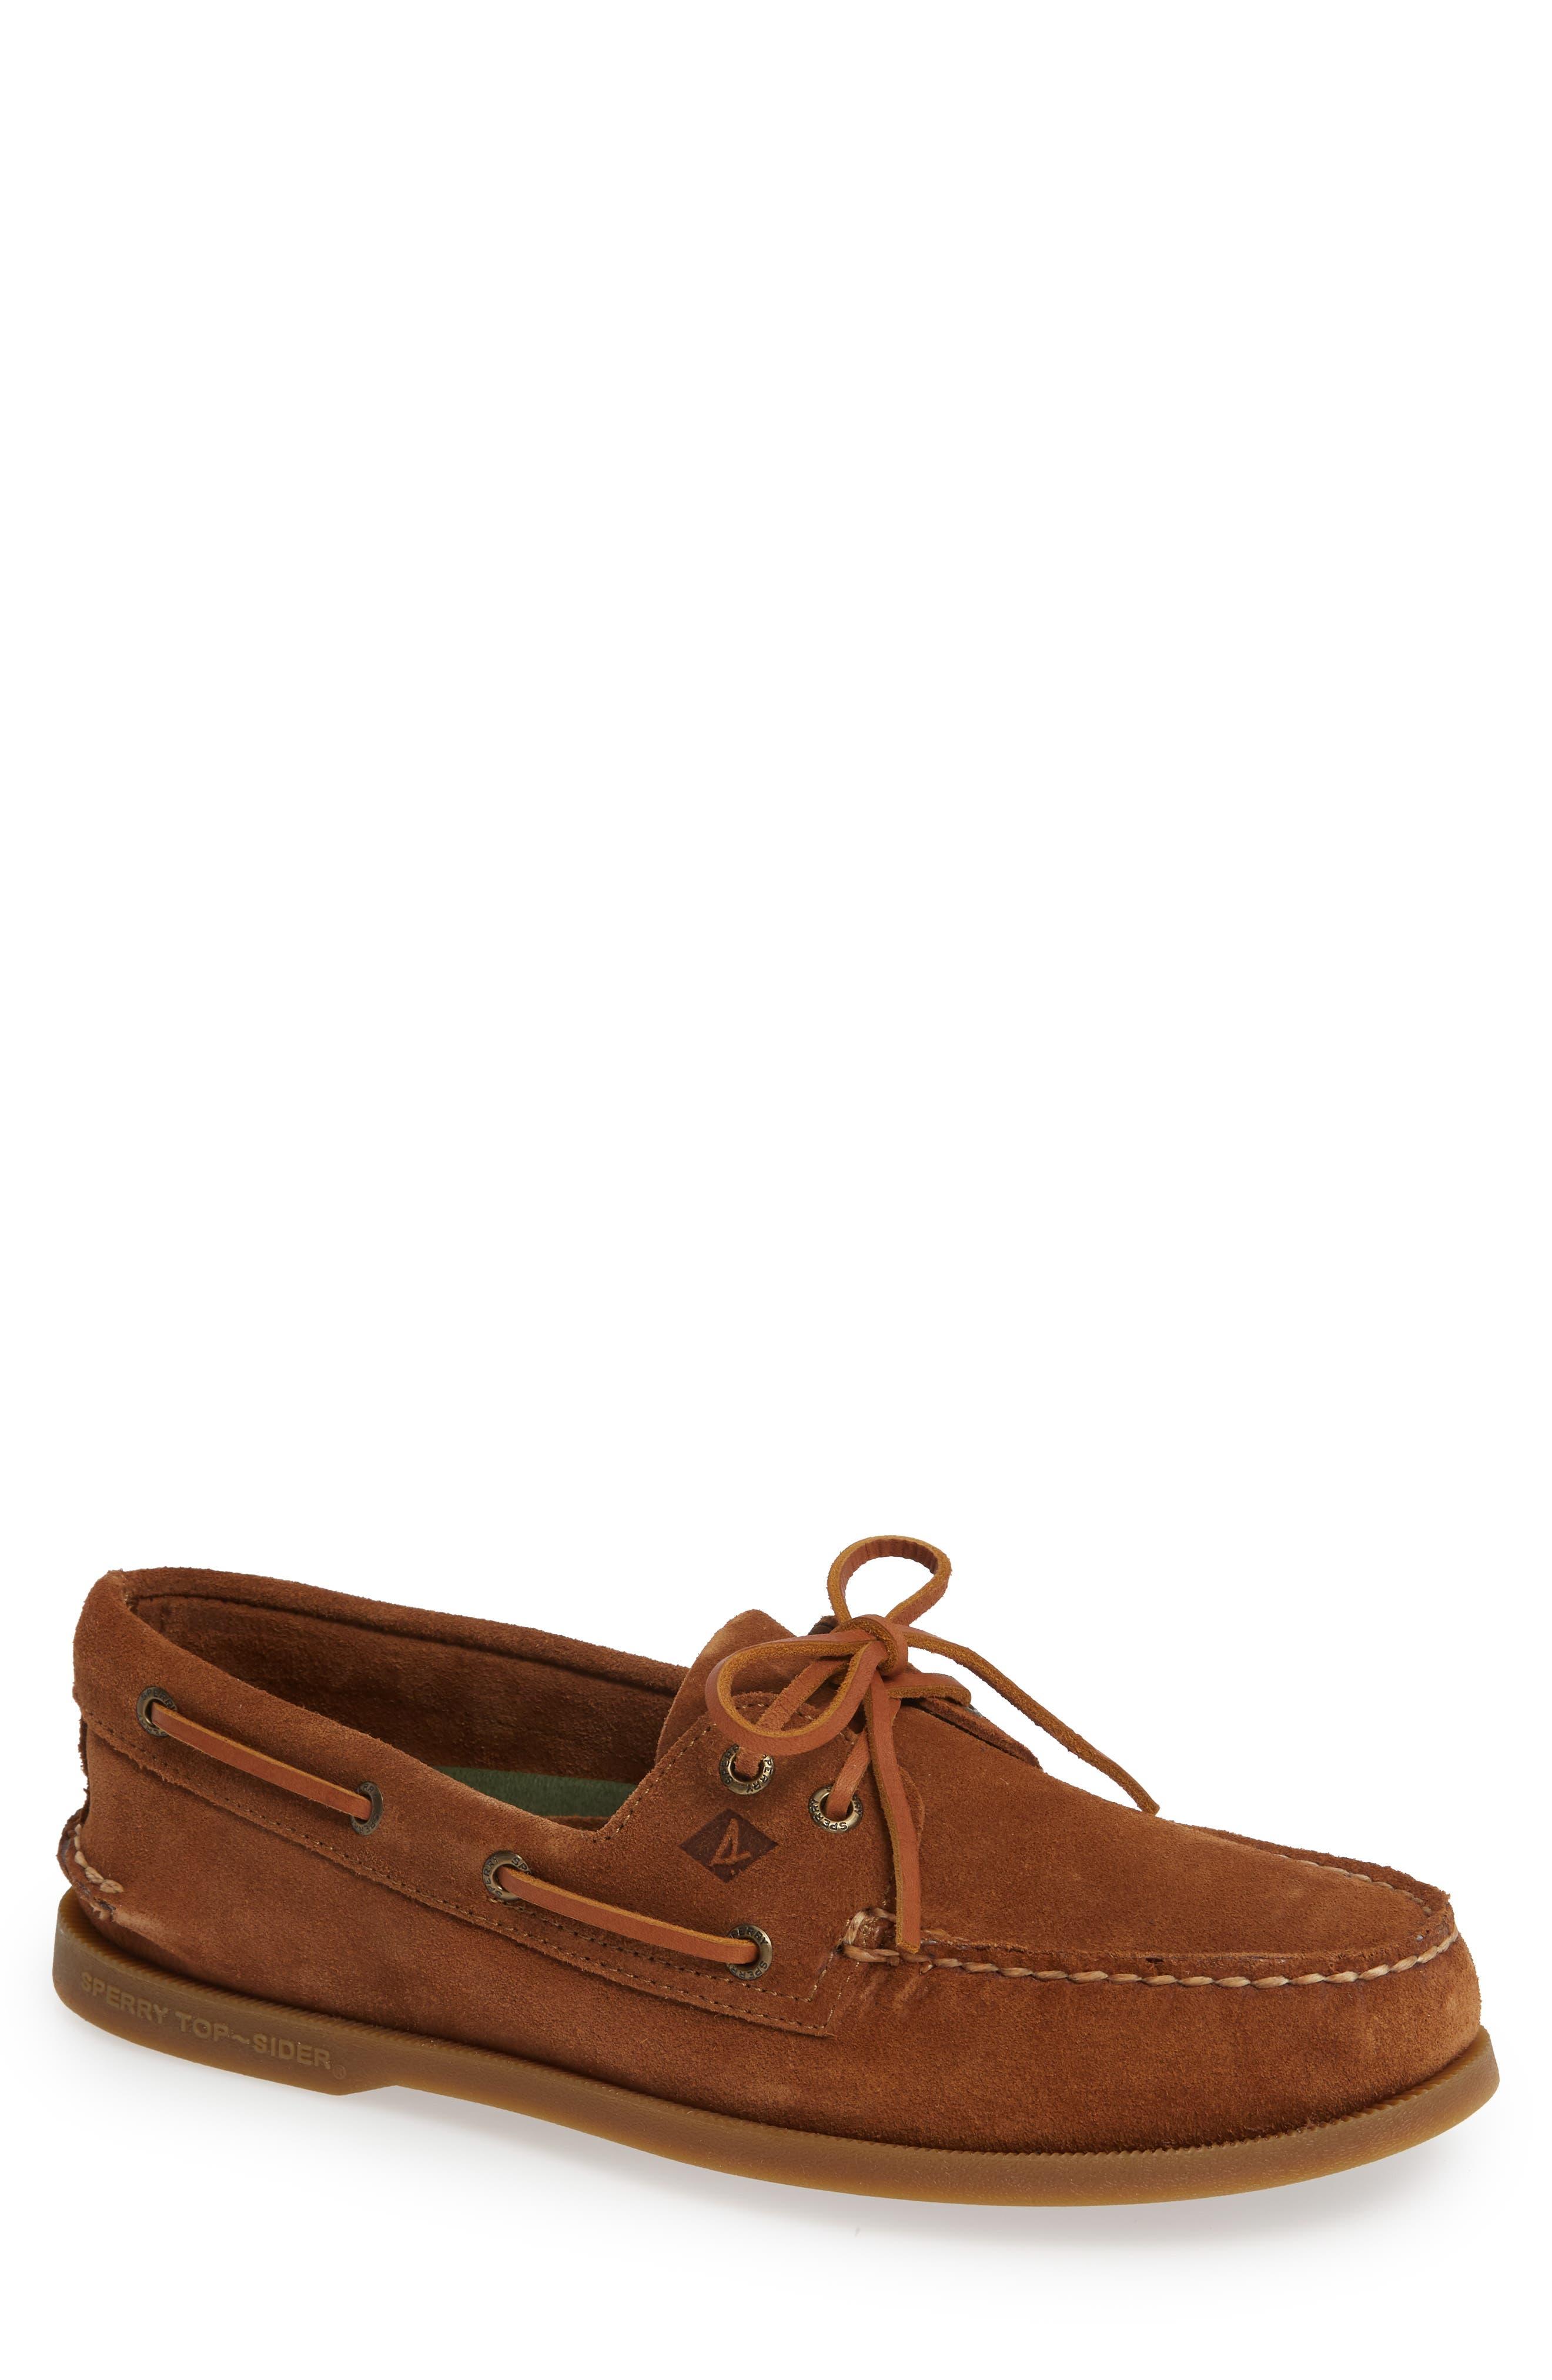 SPERRY Original Suede Boat Shoe, Main, color, DARK TAN SUEDE